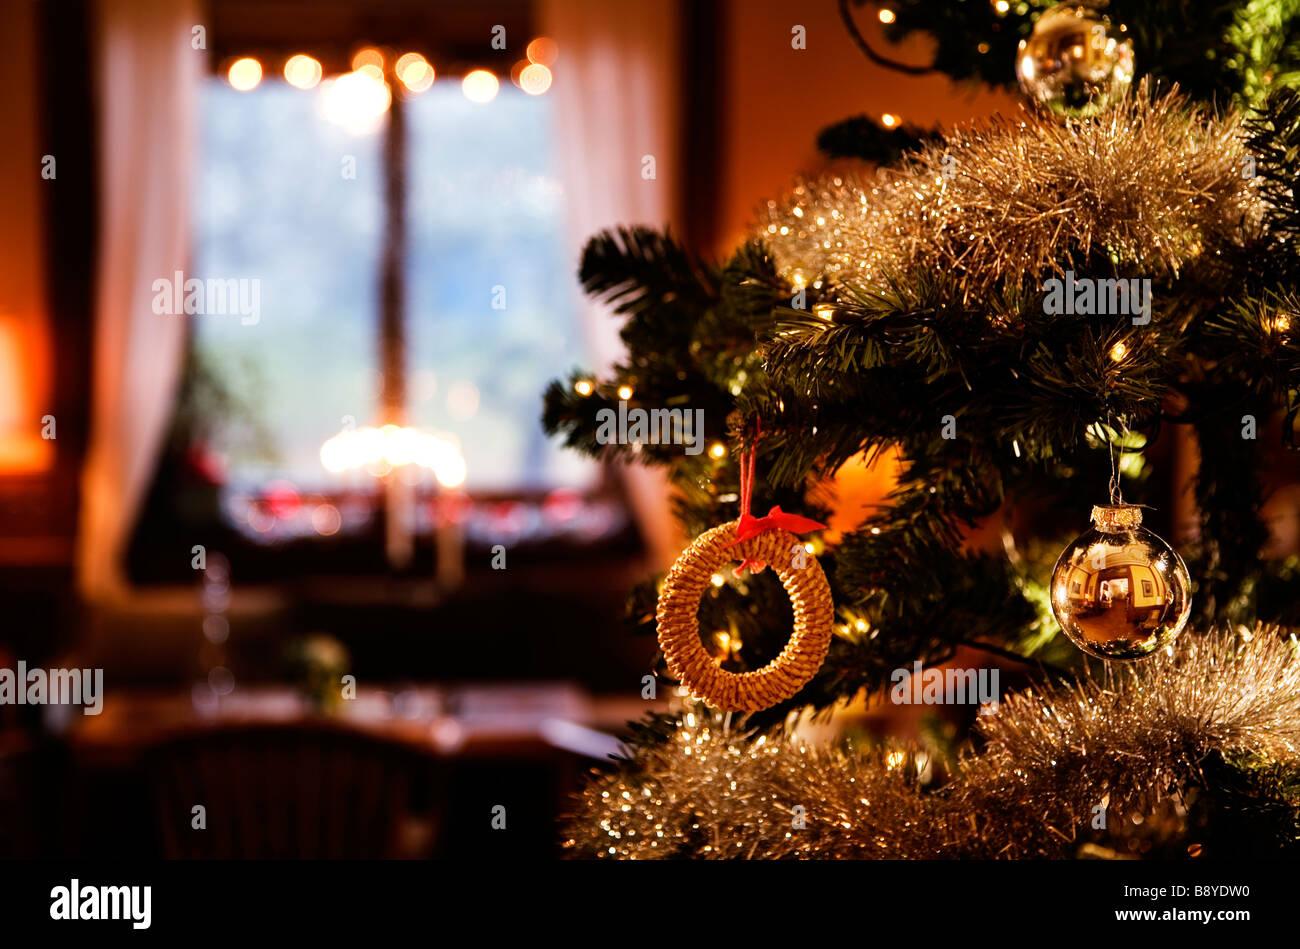 A Christmas tree. - Stock Image